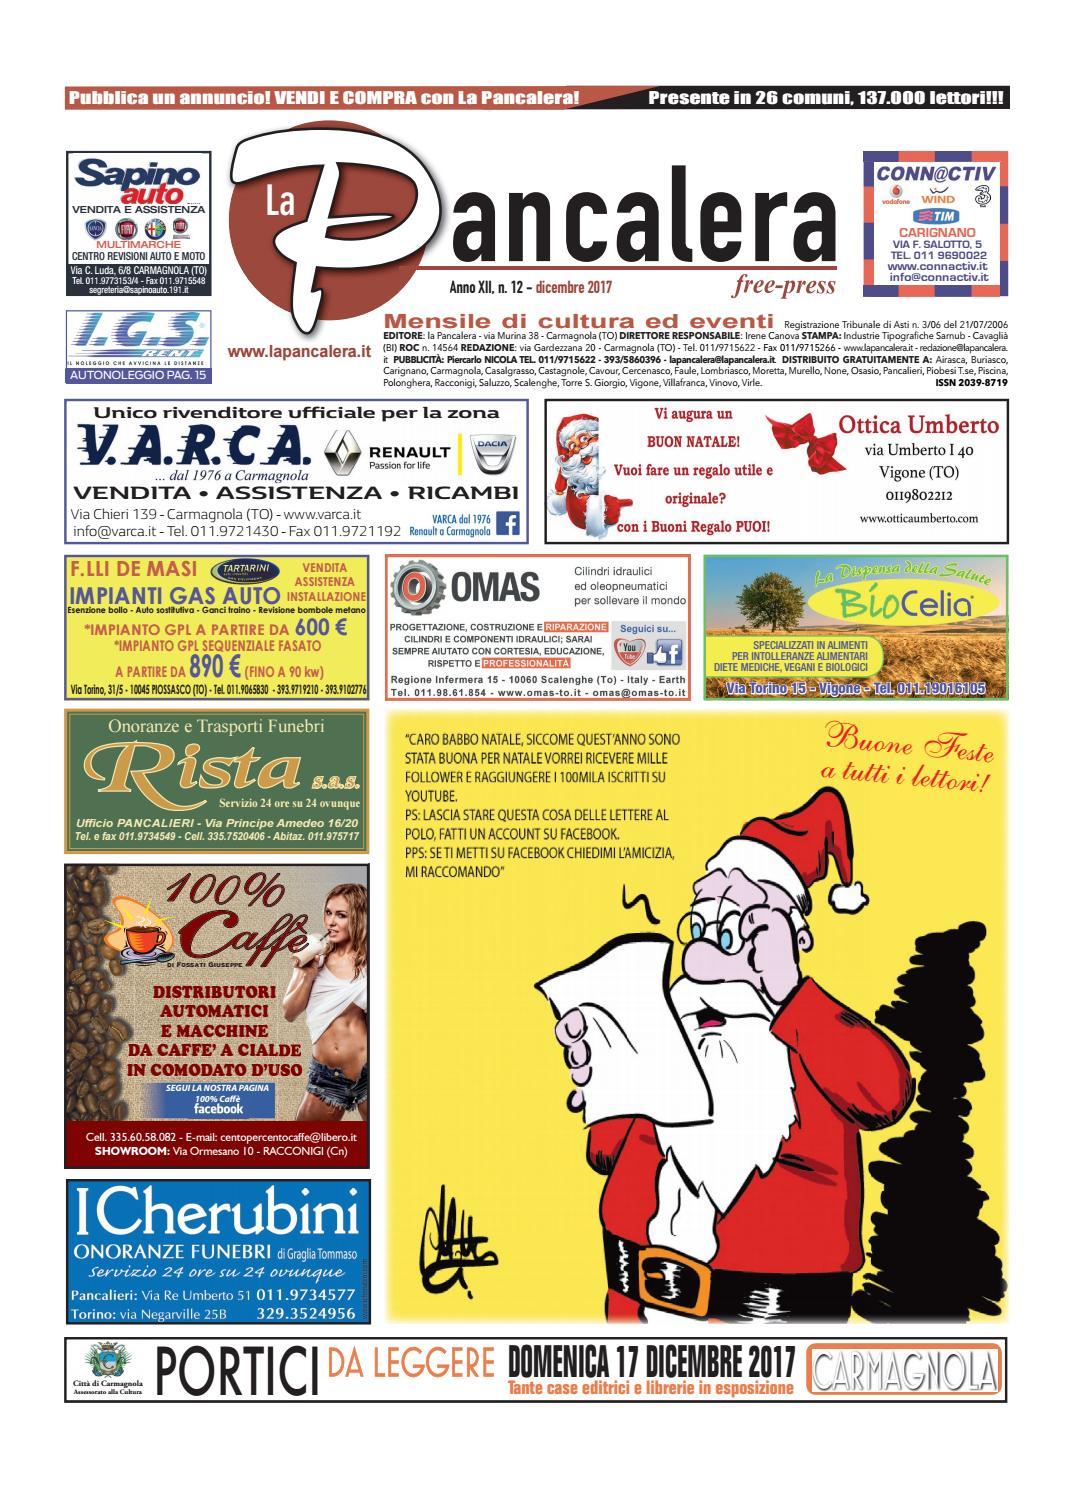 La pancalera dicembre 2017 by la Pancalera - issuu aa319b1963f4